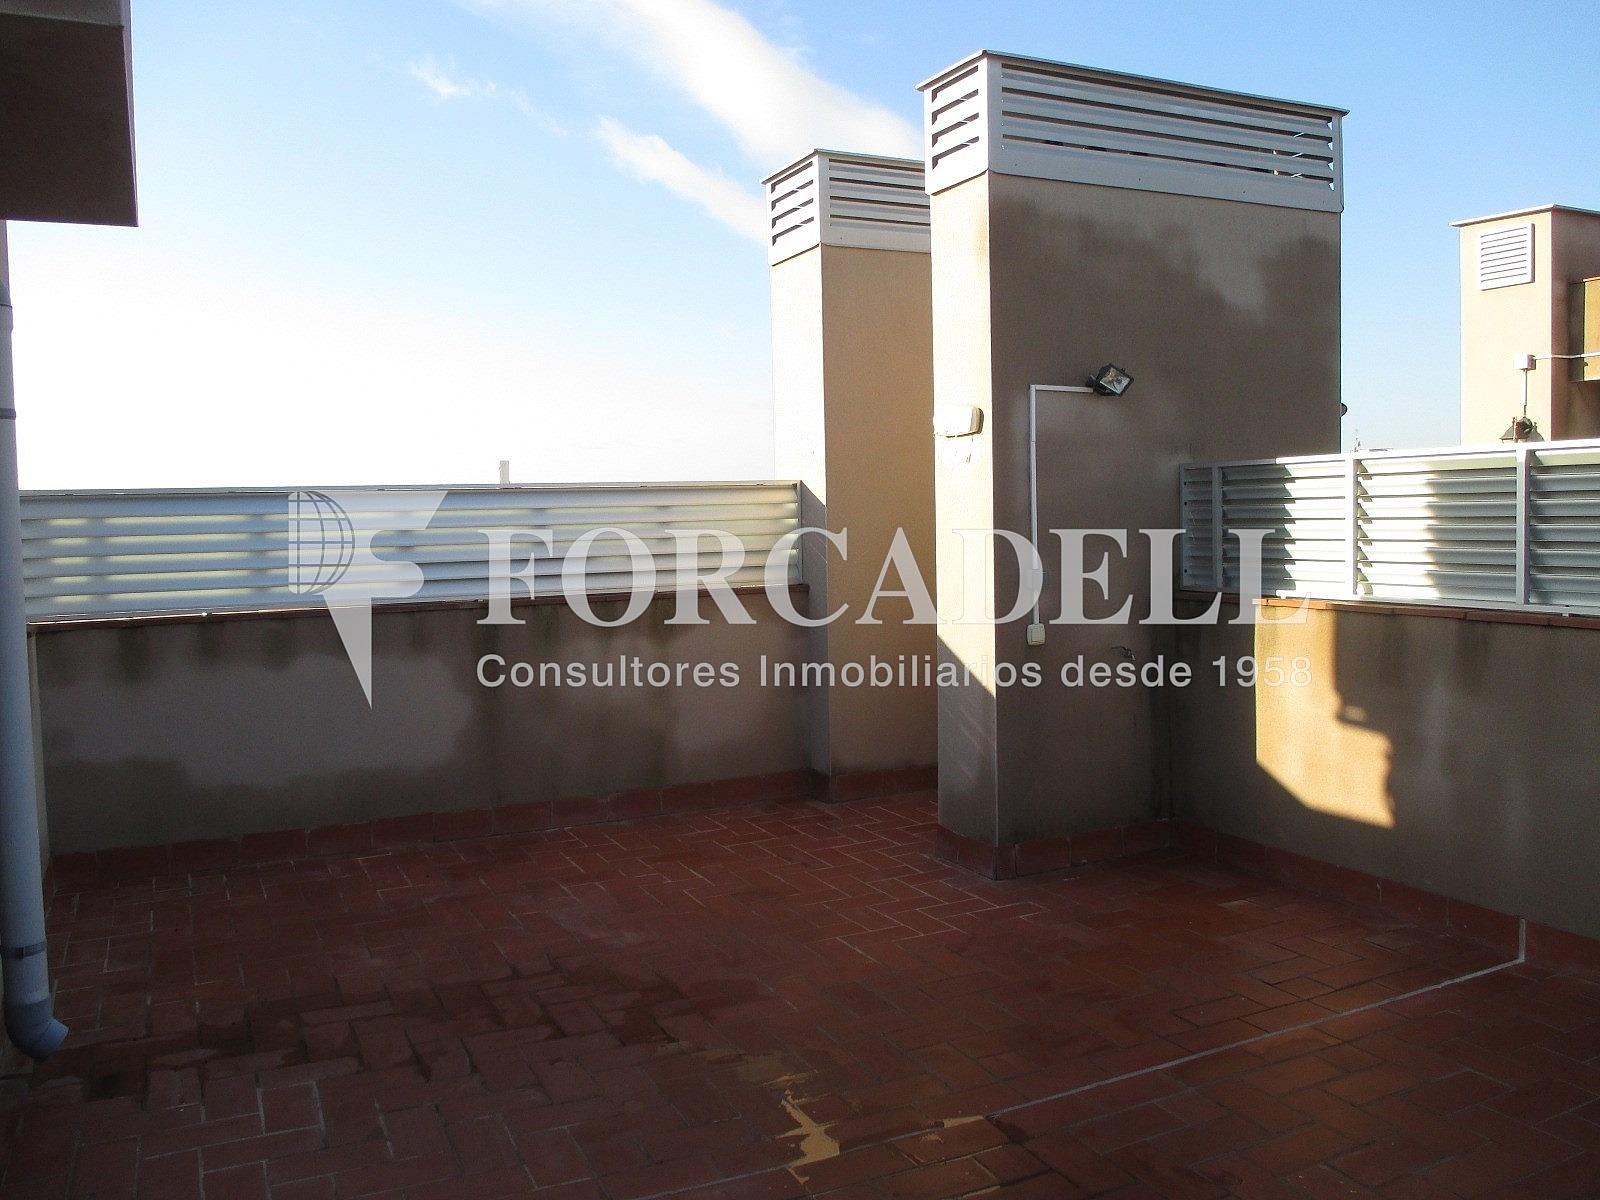 IMG_2696 - Piso en alquiler en calle Merce Rodoreda, Can clota en Esplugues de Llobregat - 331432125